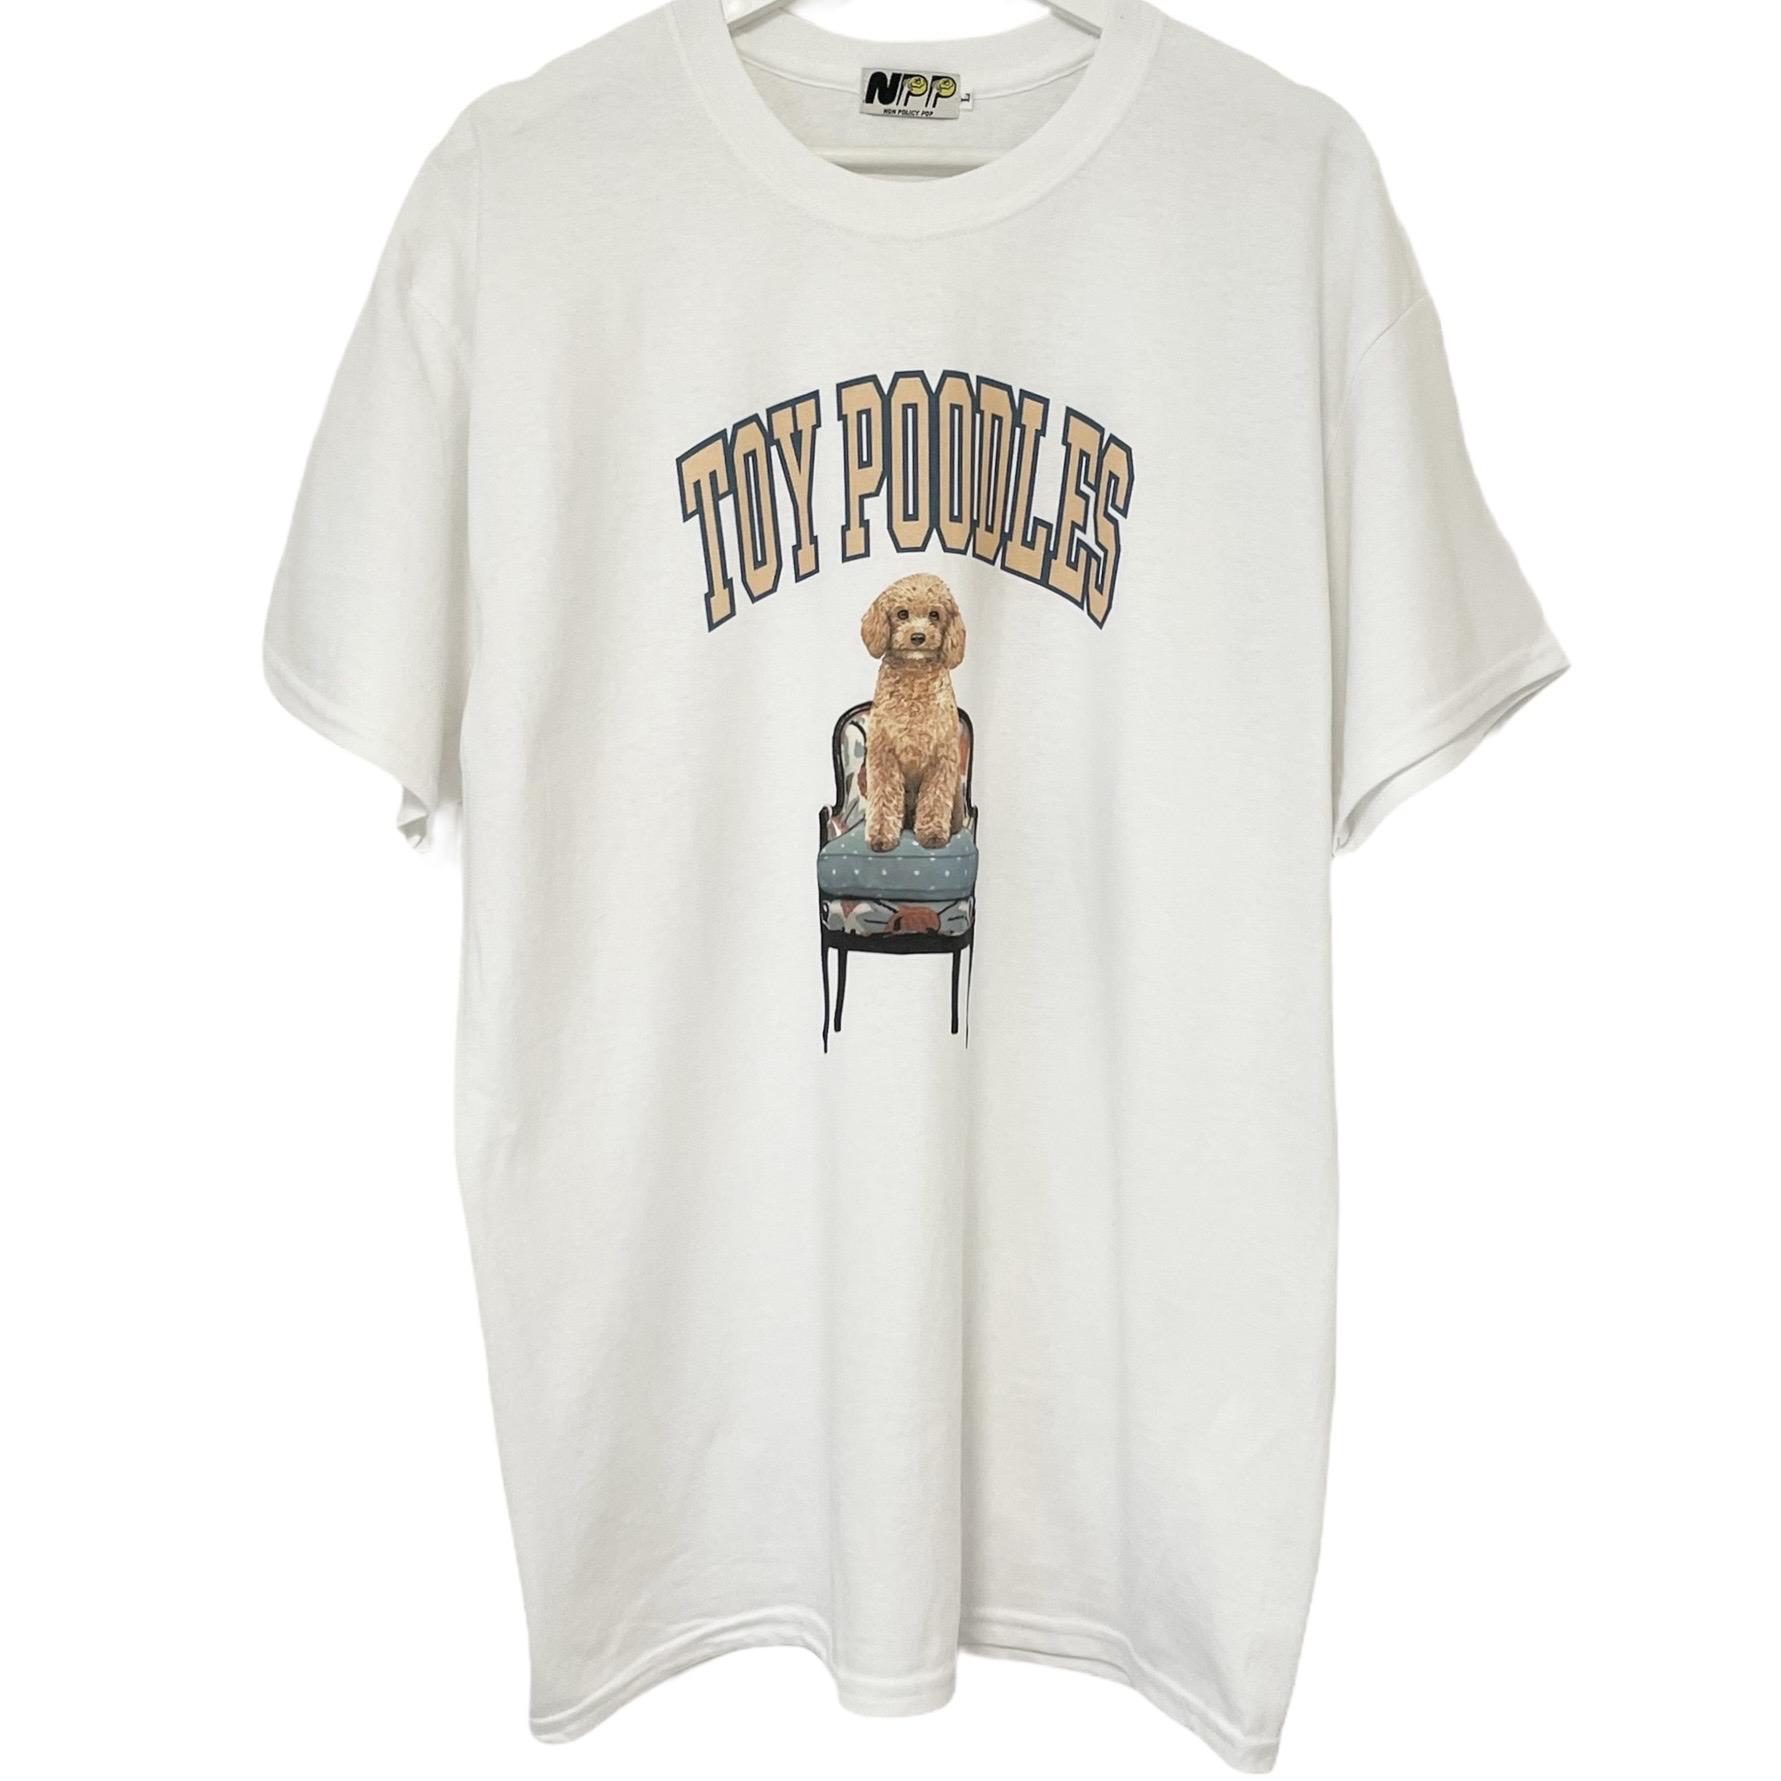 NON POLICY 新作続 POP Dog T TOY POODLES 犬Tシャツ ドッグTシャツ おしゃれ トイプードル 半袖 ノンポリシーポップ プリントTシャツ